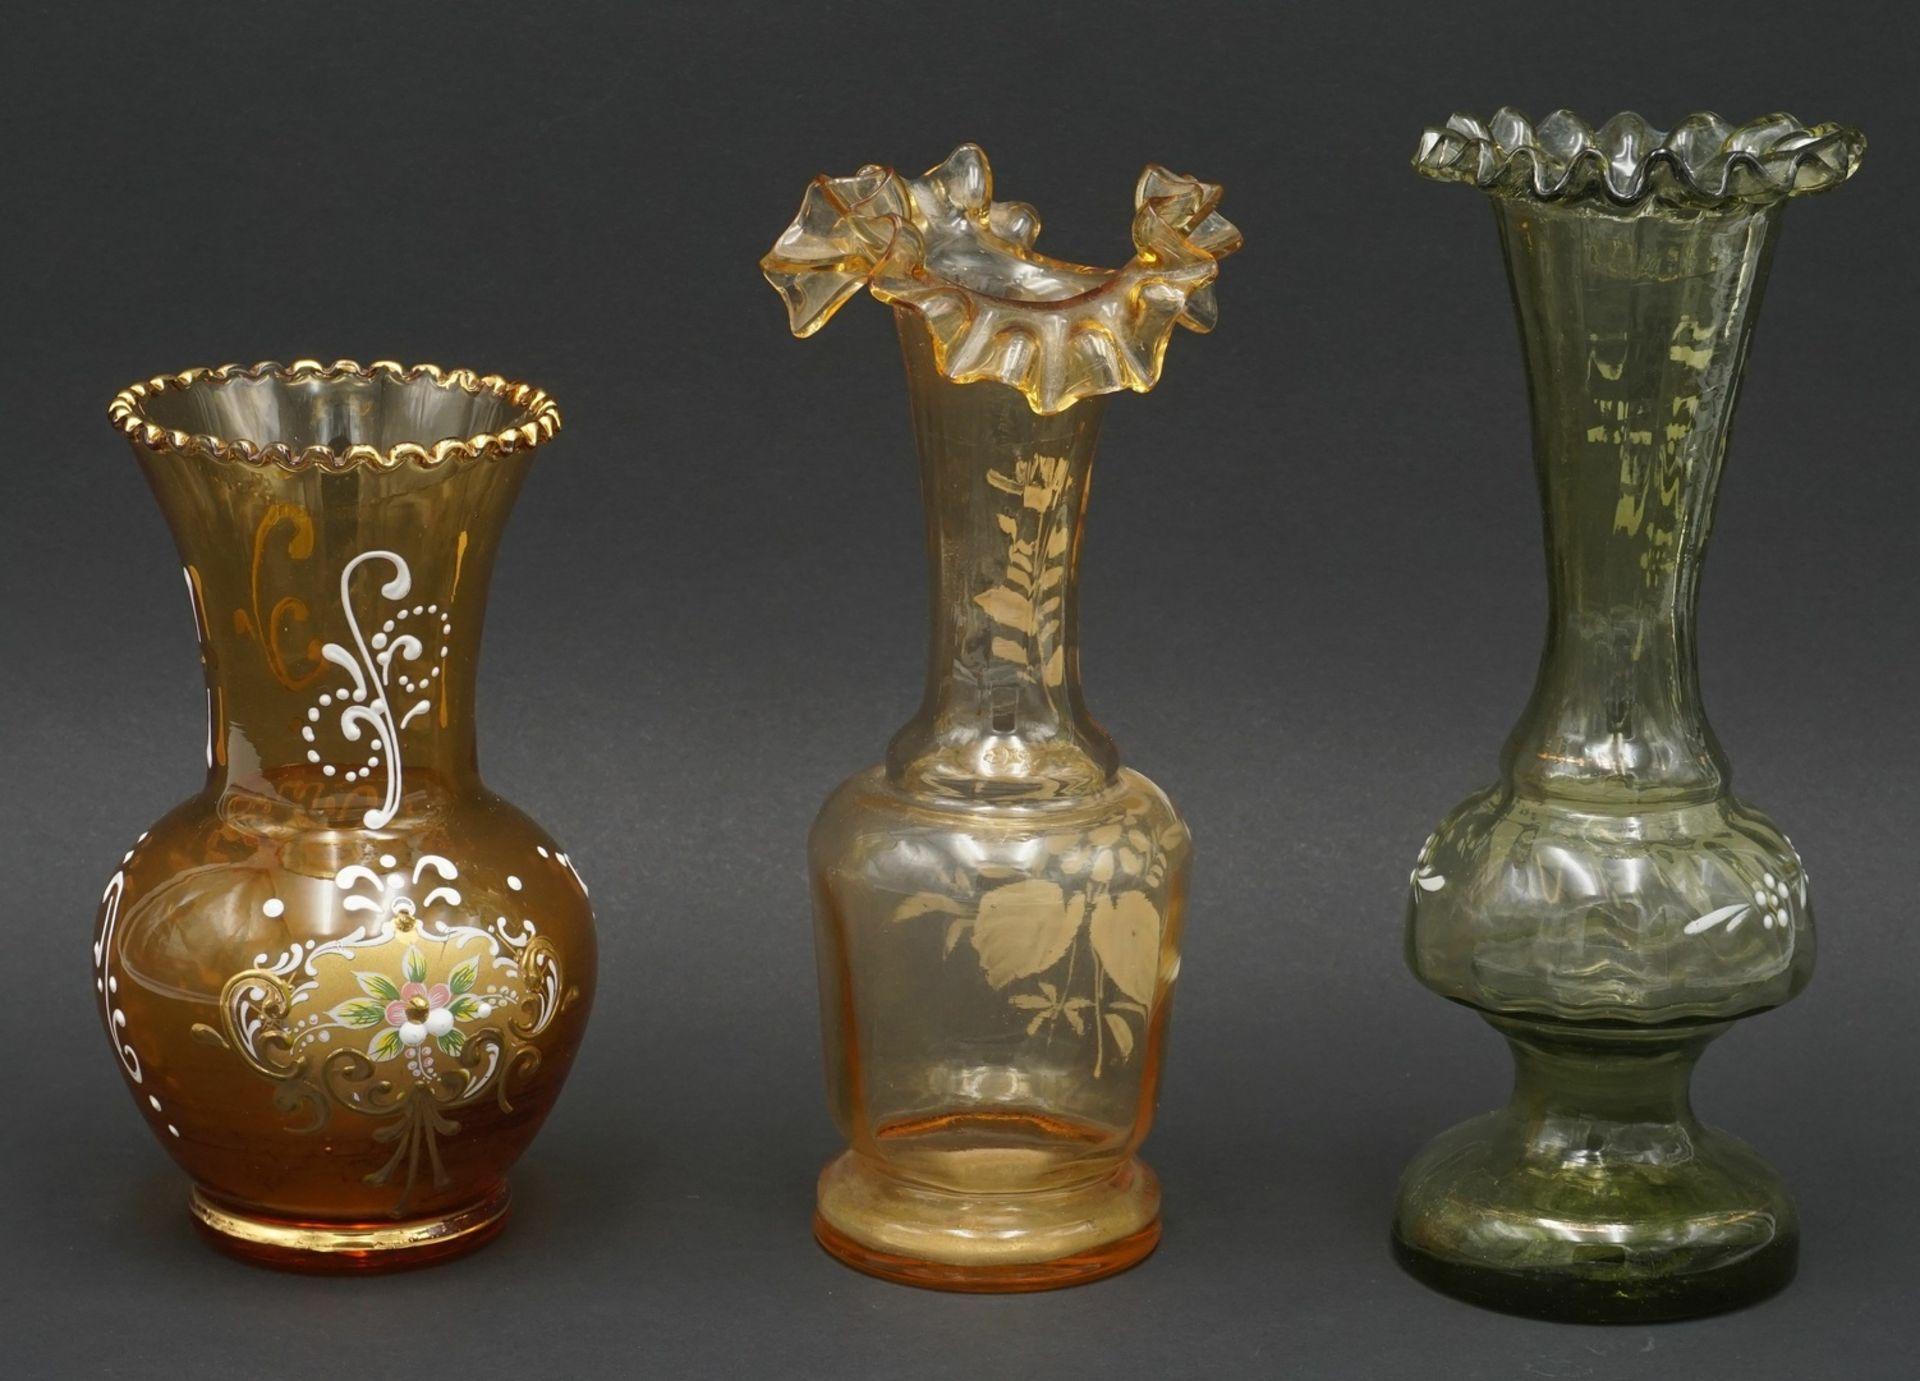 Drei Vasen, um 1900 - Bild 2 aus 2